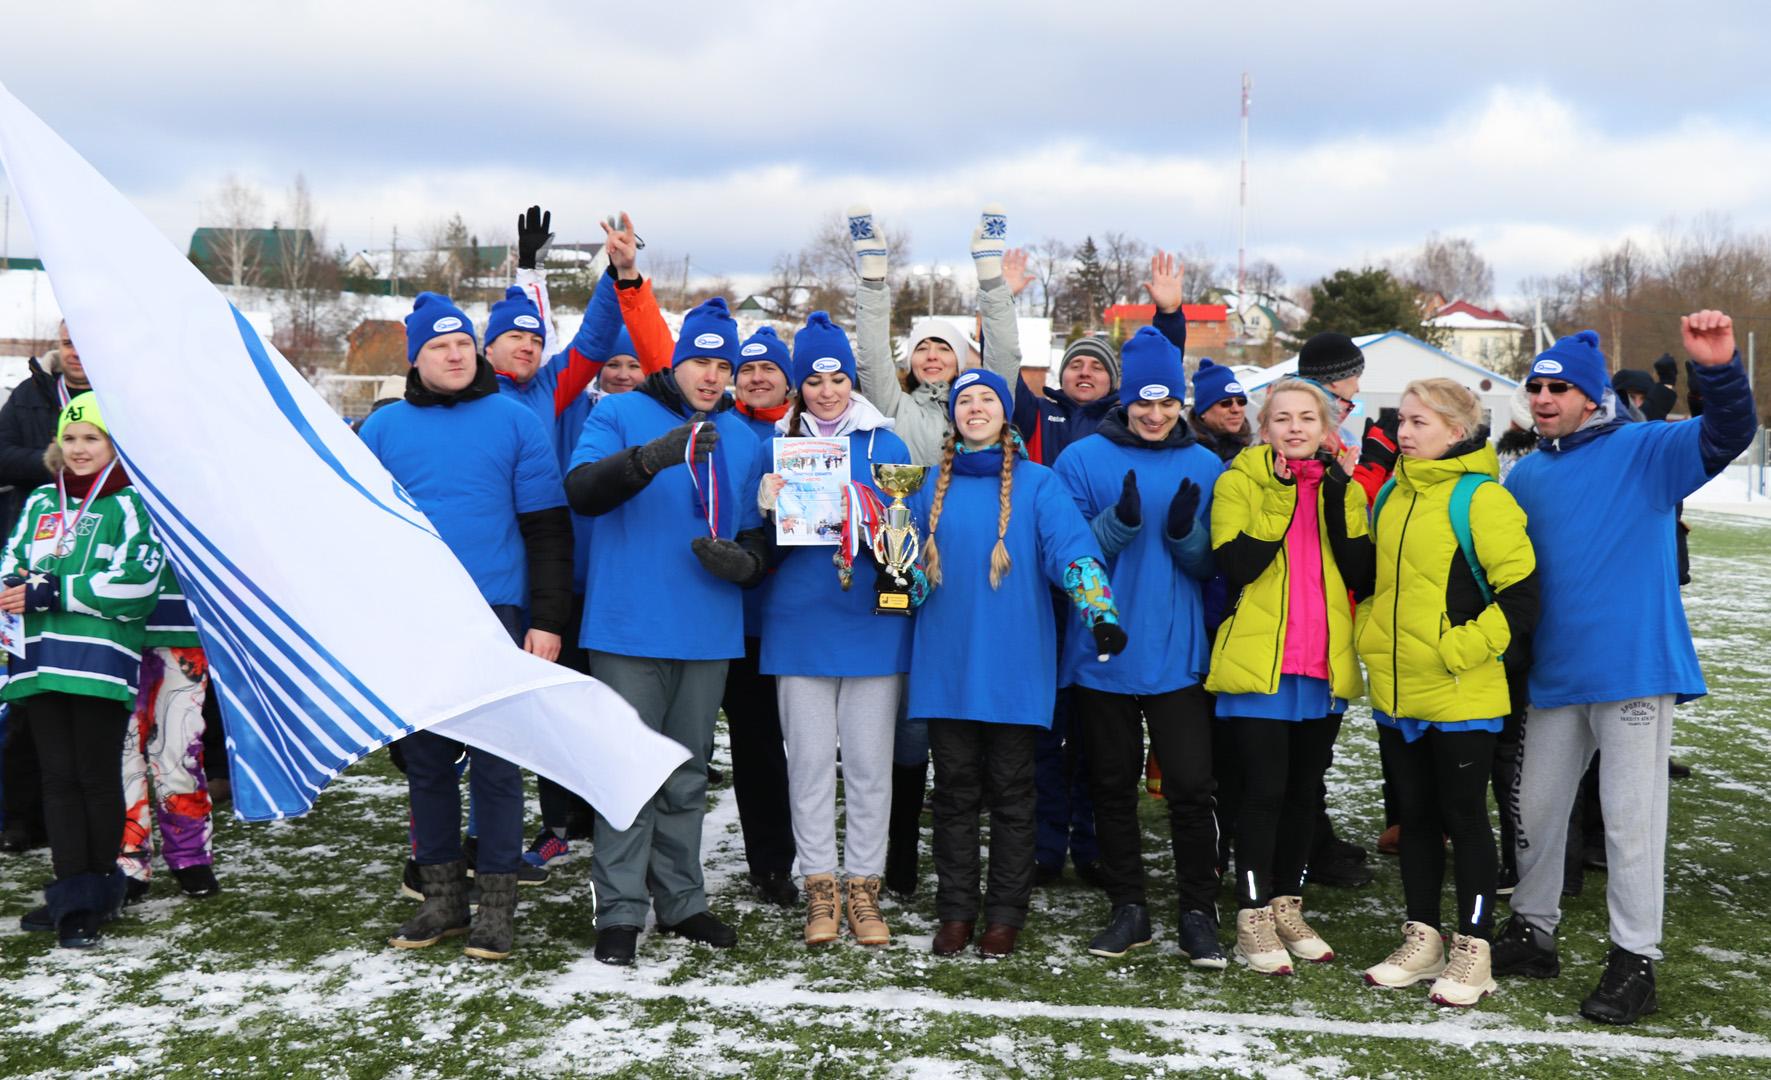 Заводчане — абсолютные чемпионы спартакиады!